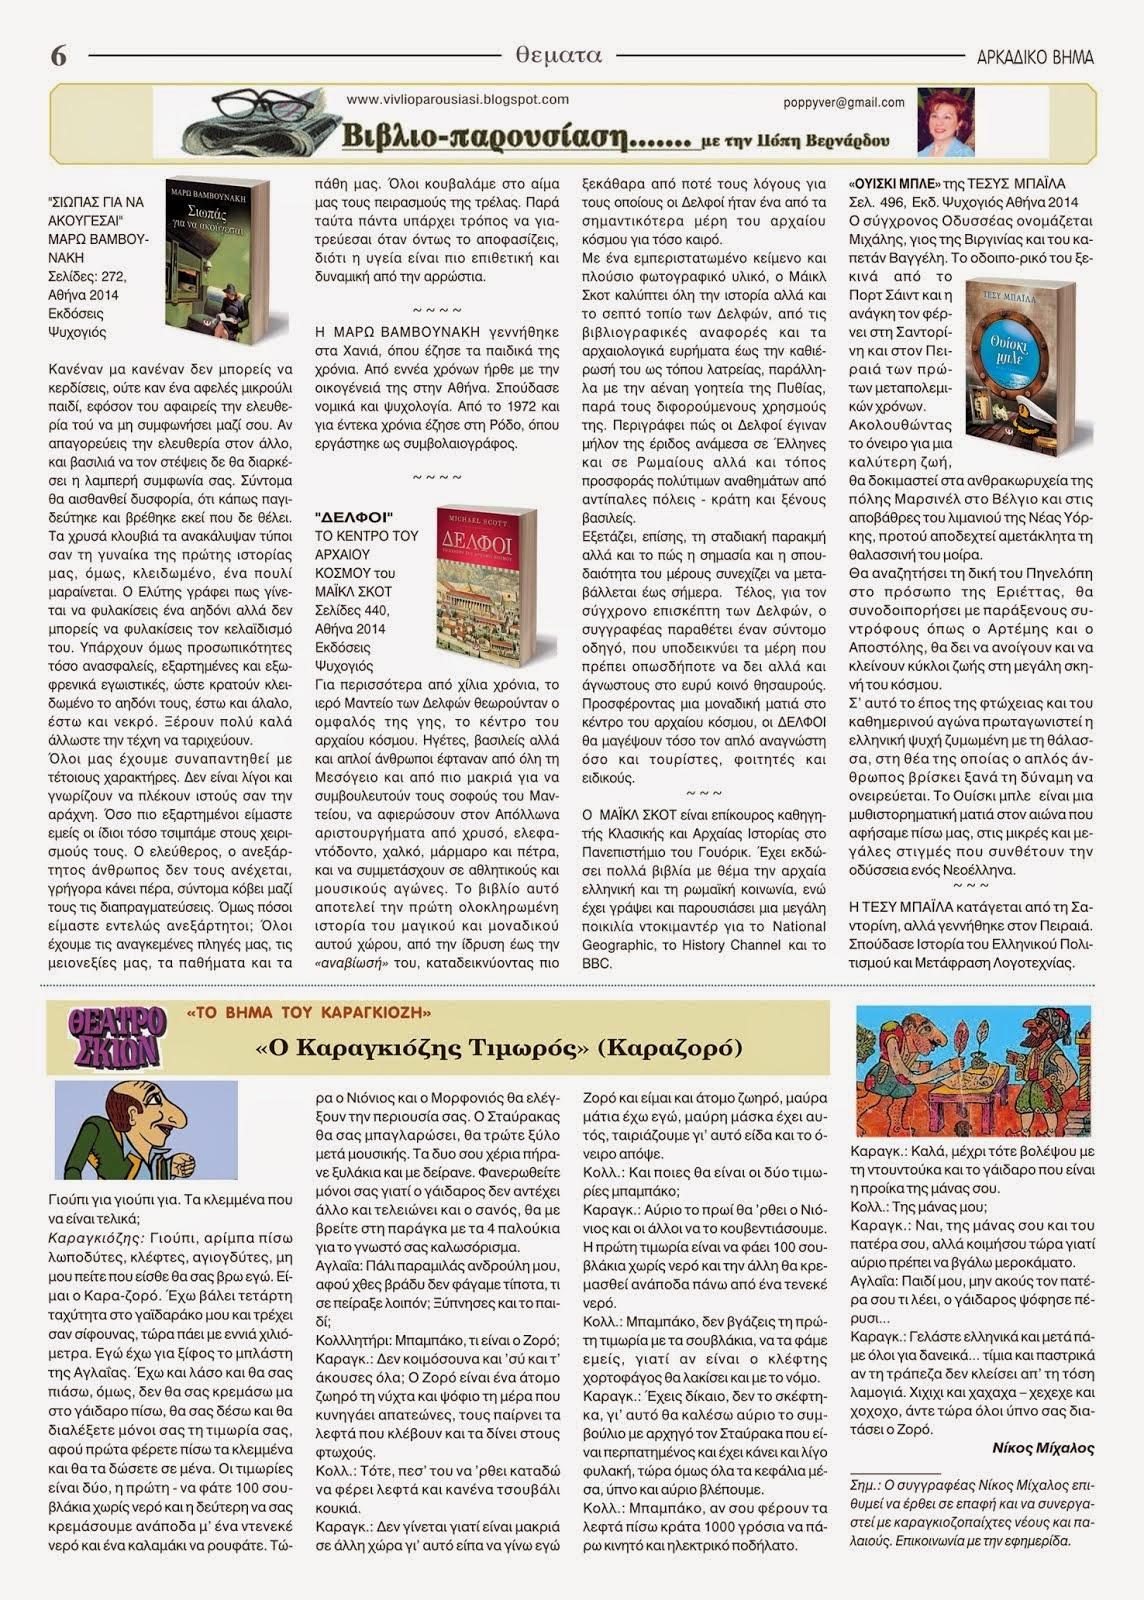 """Κάθε μήνα στο """"Αρκαδικό Βήμα"""" μια σελίδα με νέα από τον χώρο του  βιβλίου"""